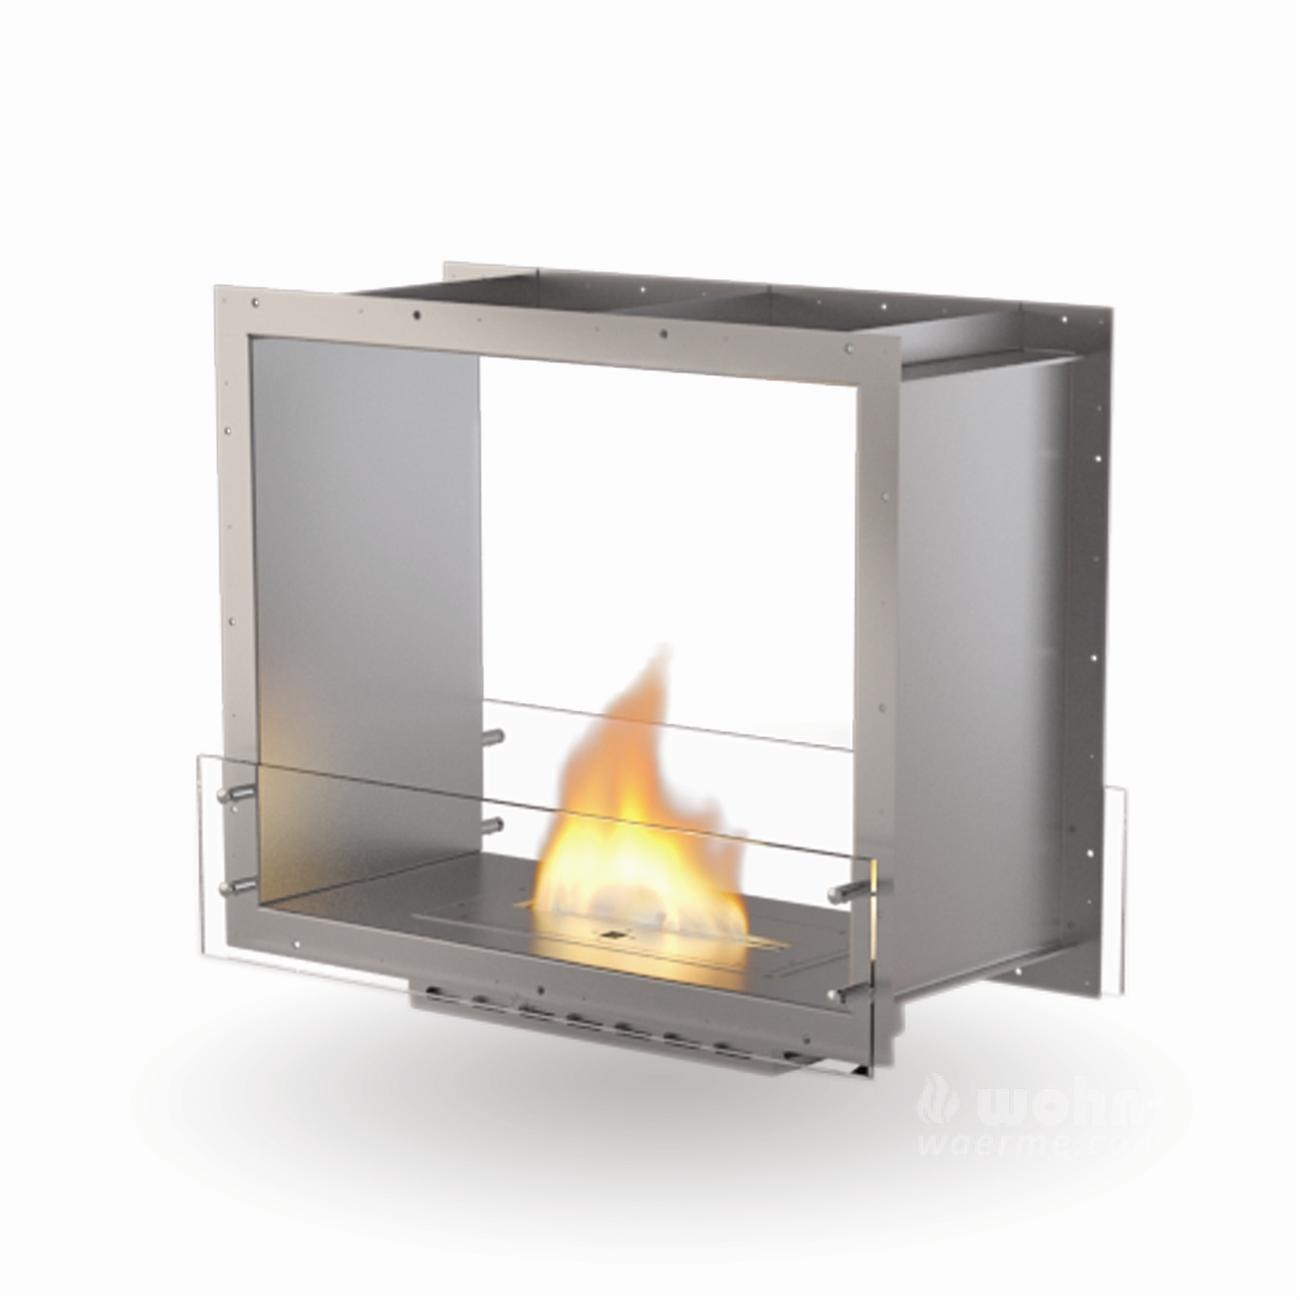 bioethanol kamin selber bauen bioethanol kamin selber bauen kamin kaminofen und bioethanol. Black Bedroom Furniture Sets. Home Design Ideas